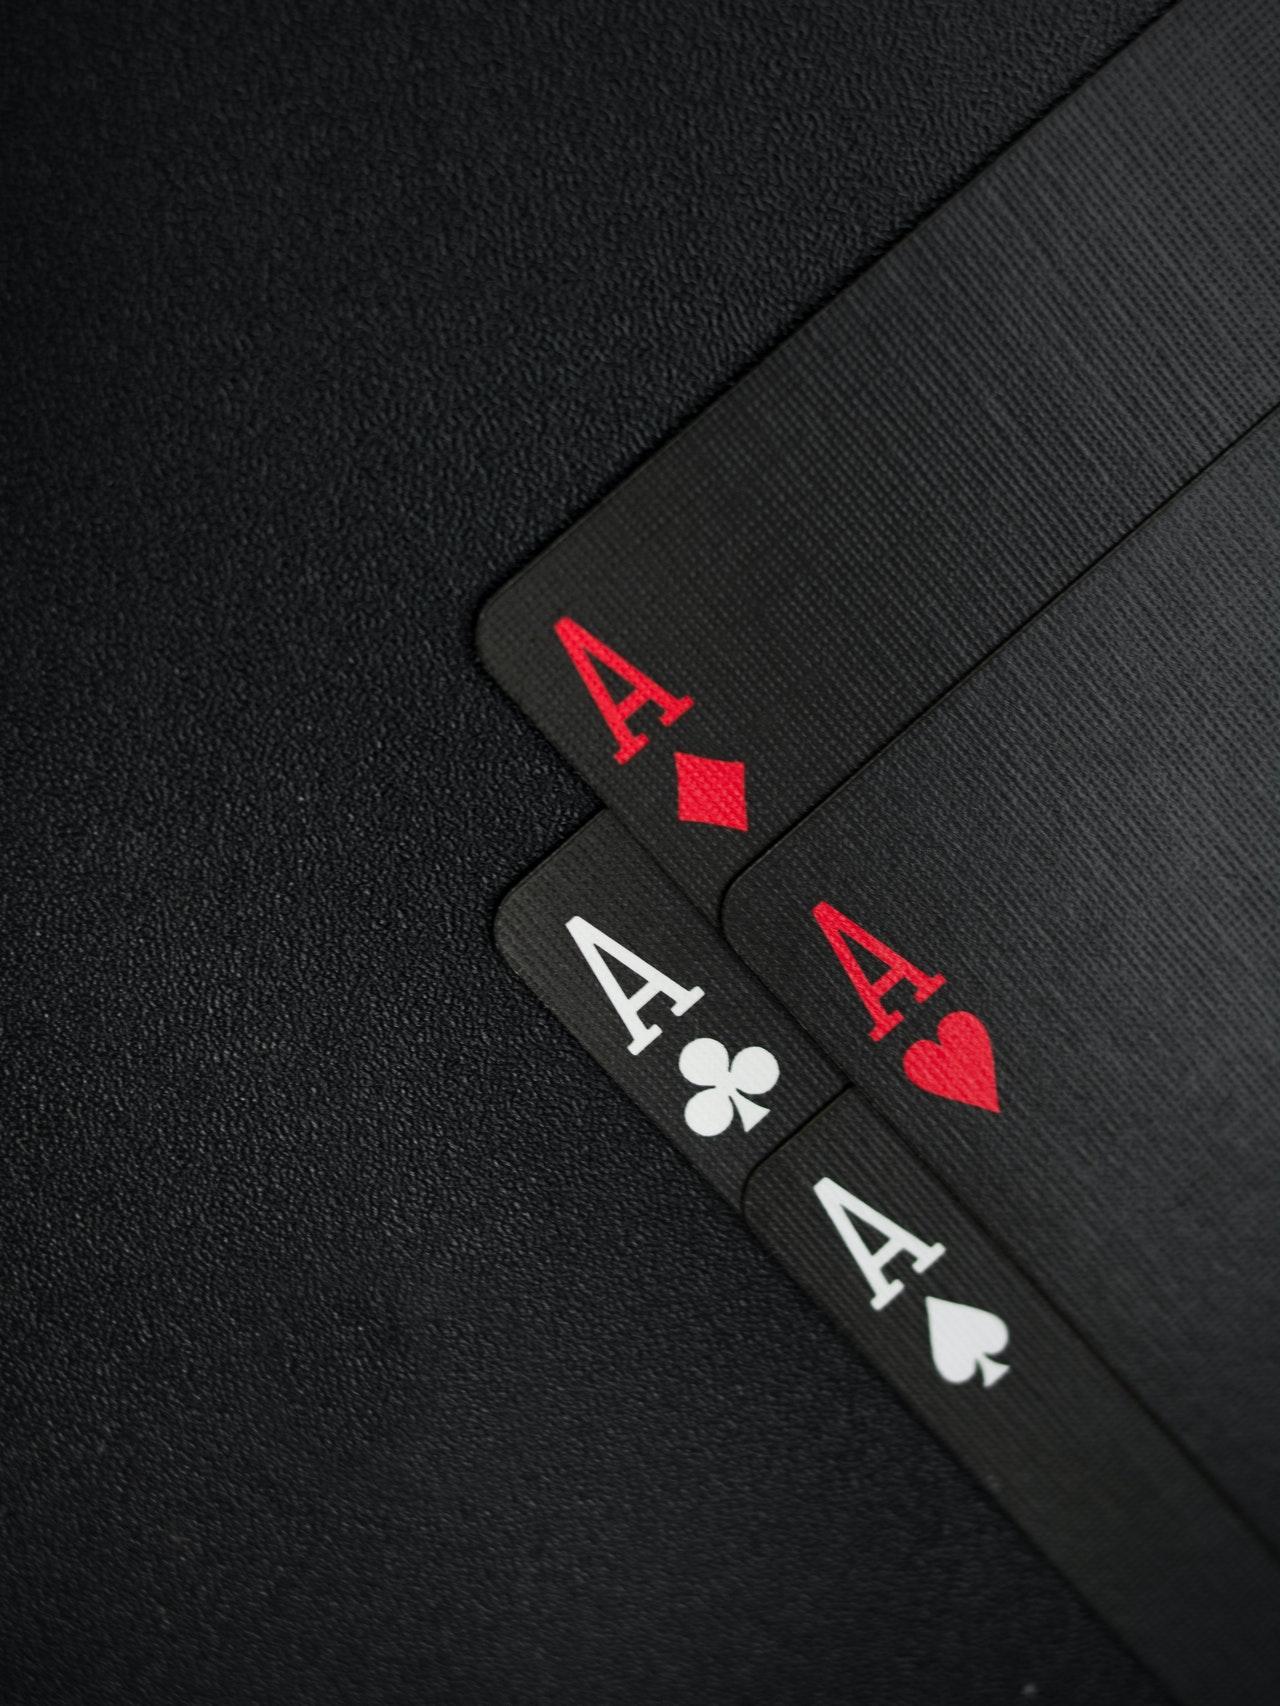 Είναι ο έρωτας μια παρτίδα πόκερ